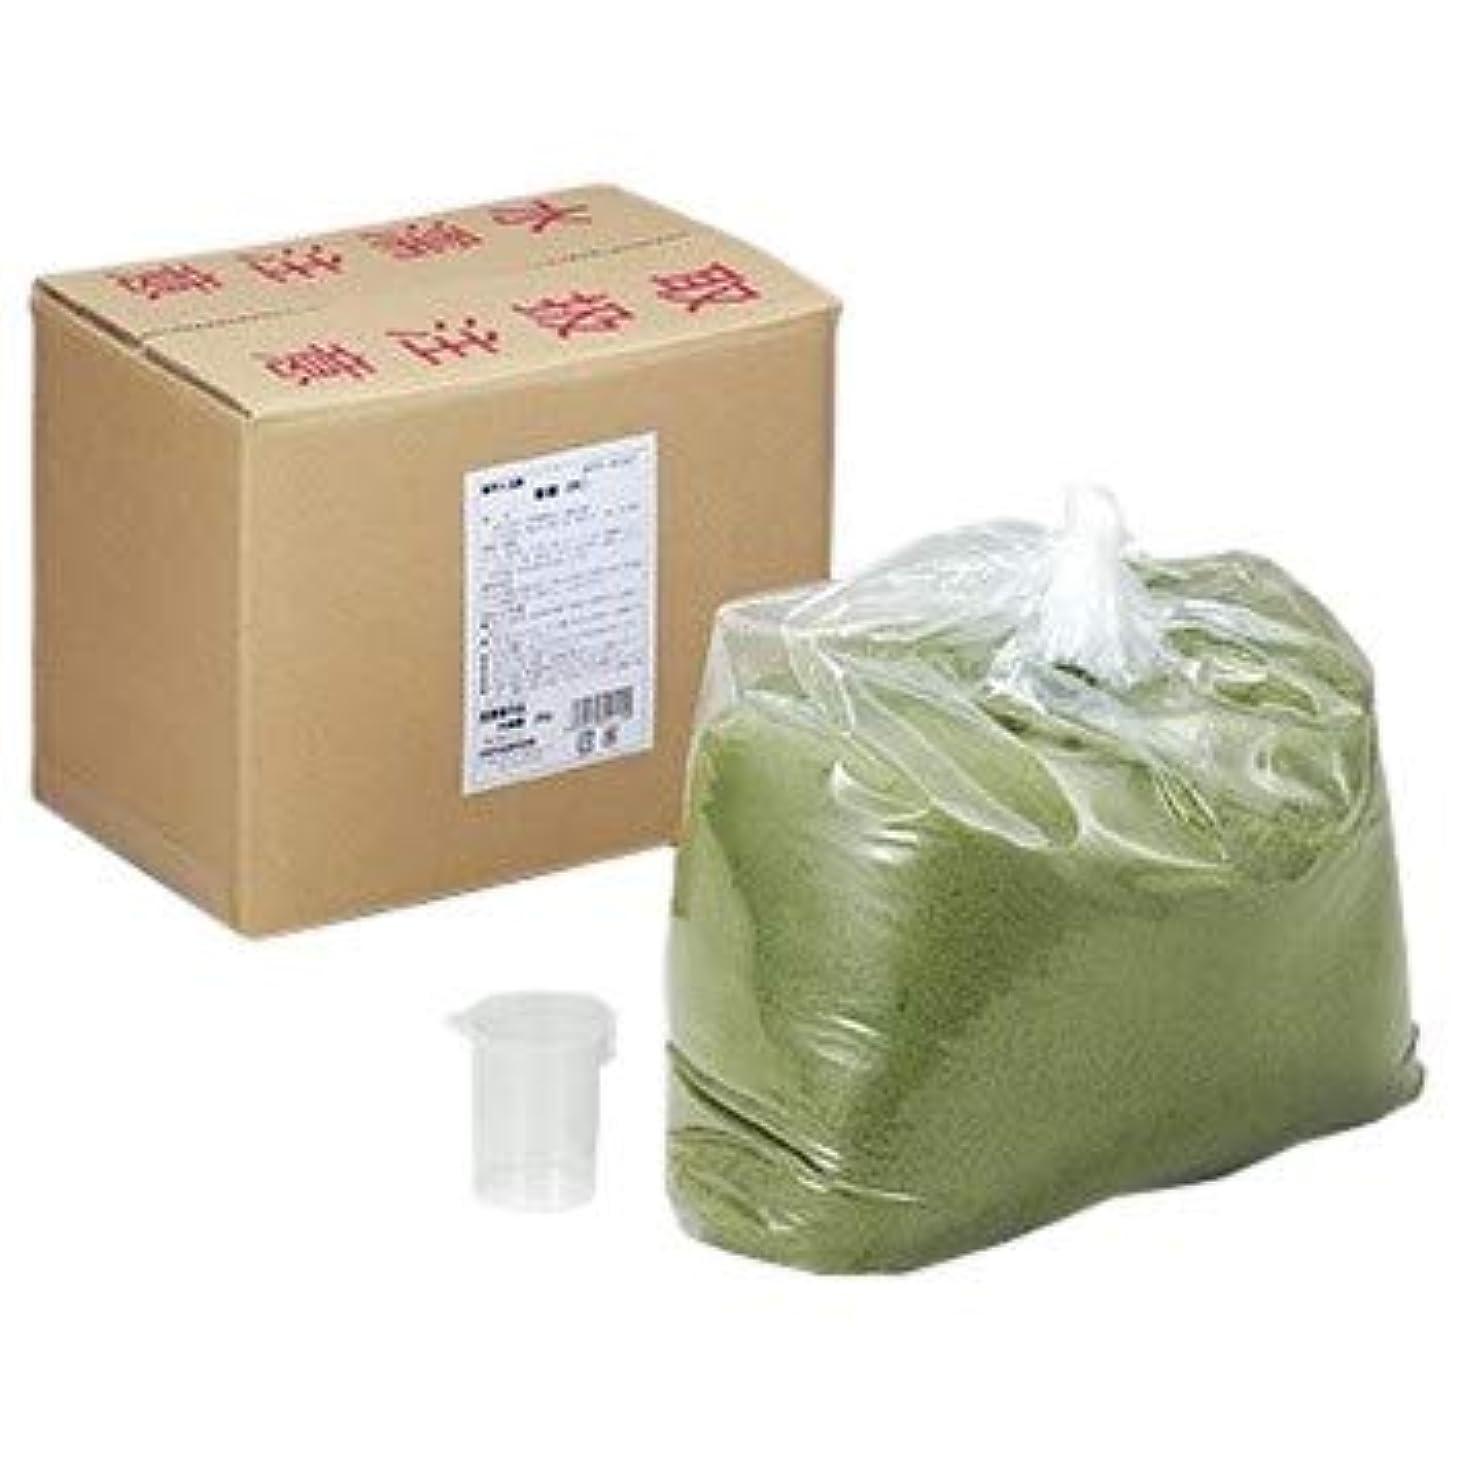 同盟対処熱新緑 業務用 20kg 入浴剤 医薬部外品